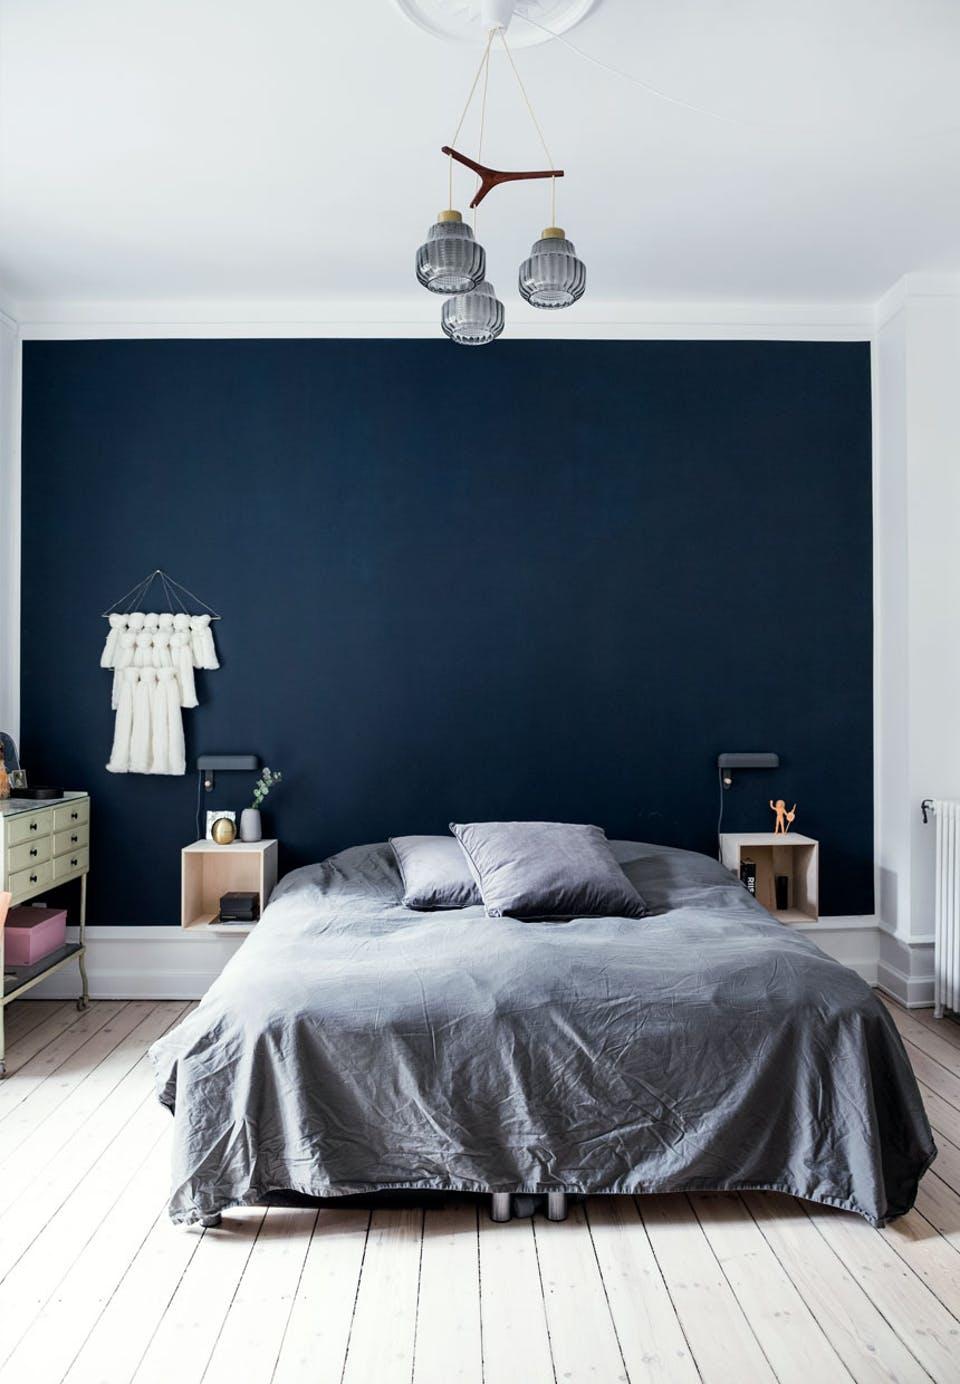 Blauwe muurverf Nachtblauw Histor